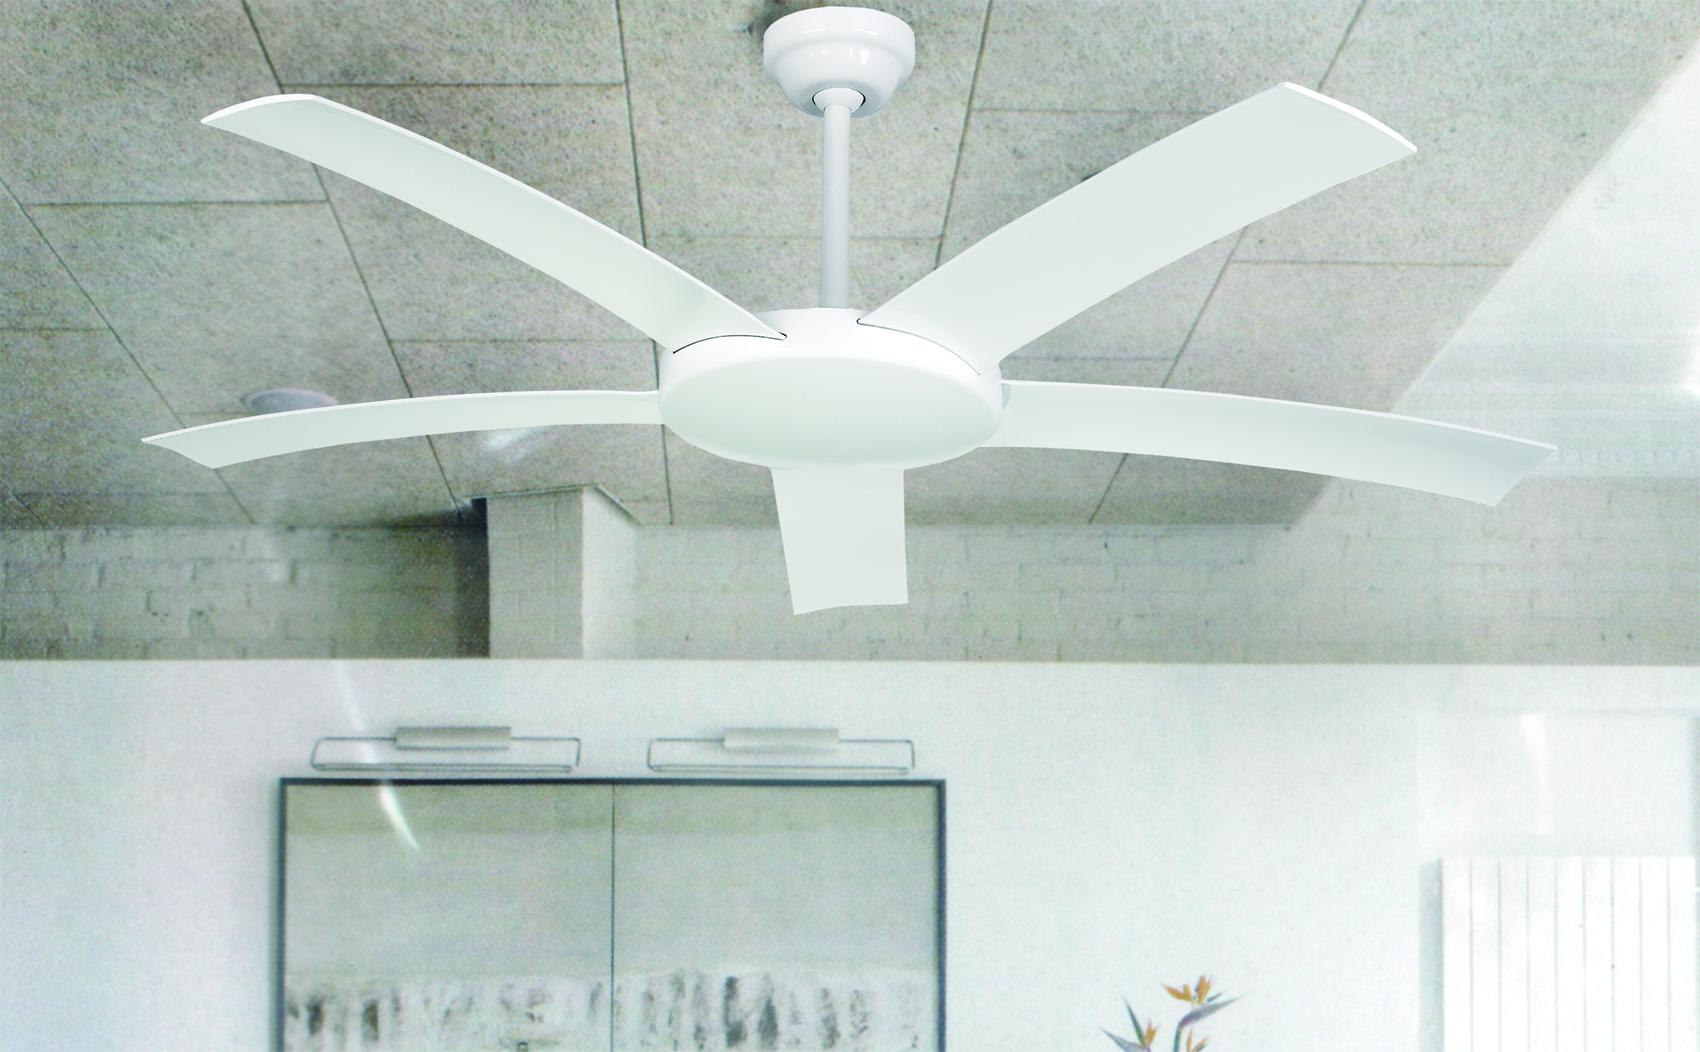 Ventiladores de techo para exterior ventiladores de techo - Ventiladores para techo ...